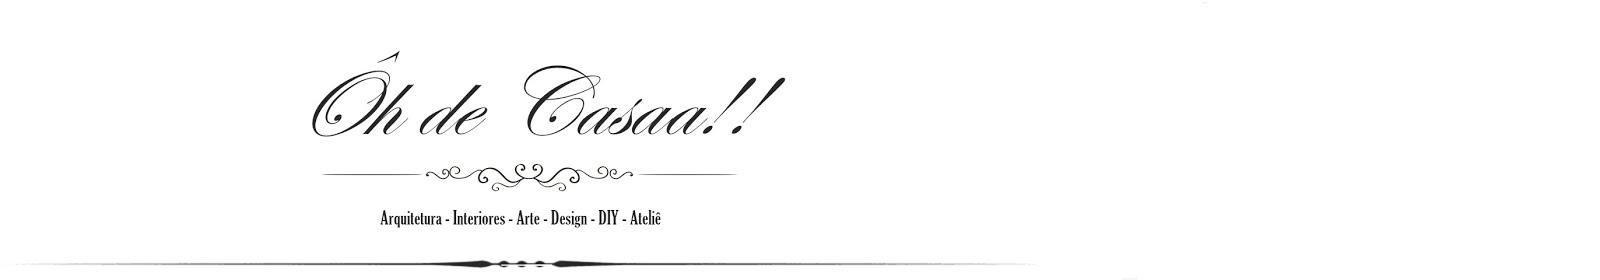 Blog Ôh de Casaa!!!